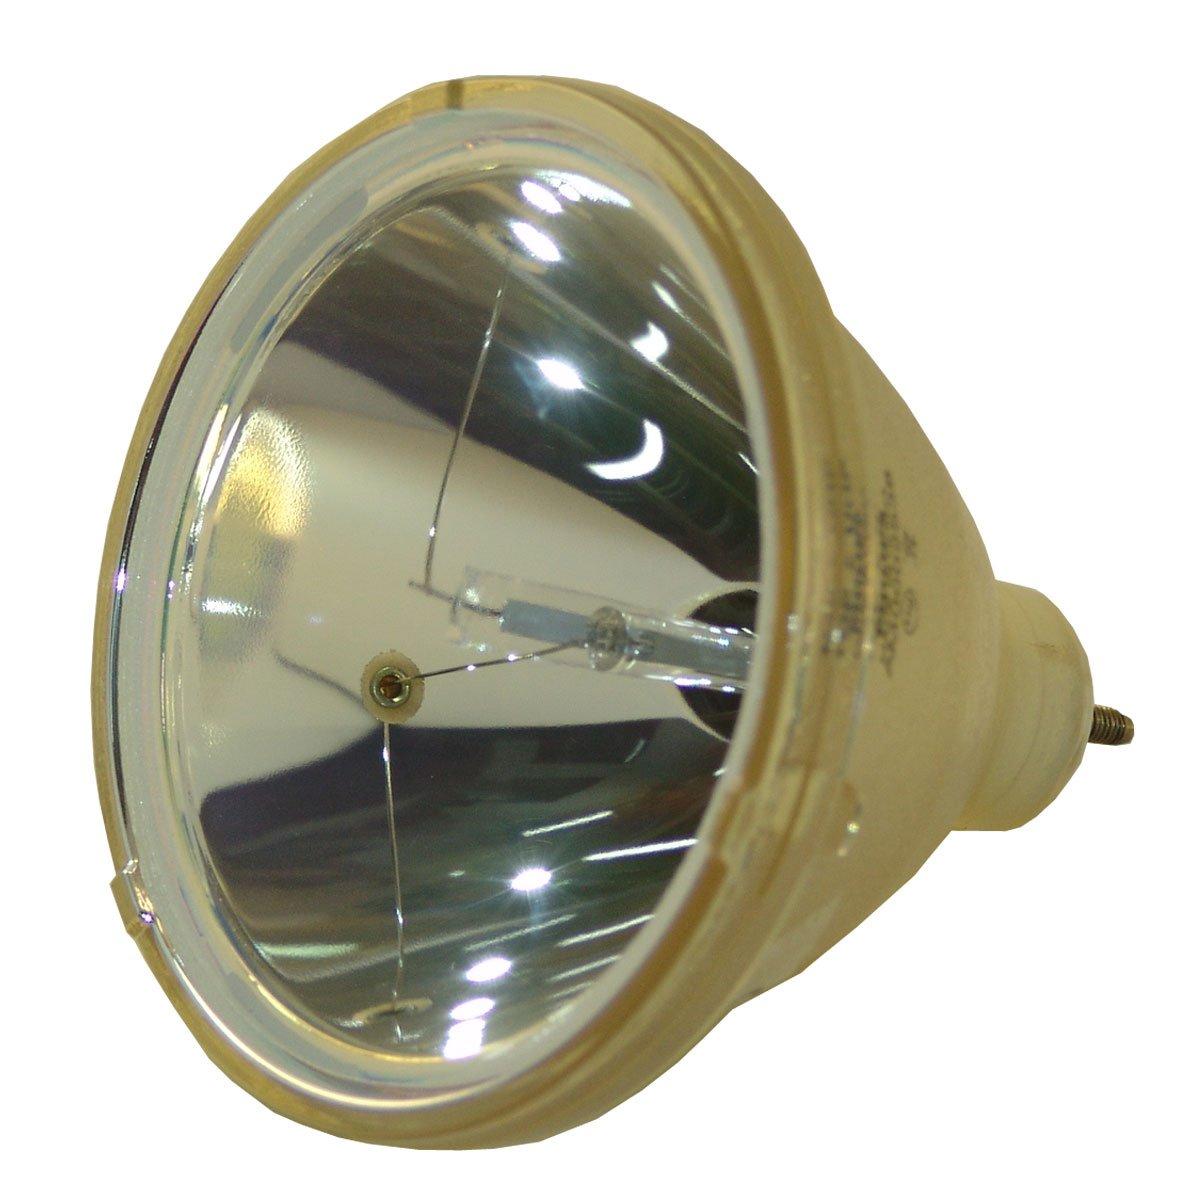 Lutema OEM交換用ランプ ハウジング/電球付き パナソニック ET-SLMP29用 Platinum (Brighter/Durable) Platinum (Brighter/Durable) Lamp Only B07KTJSHFL